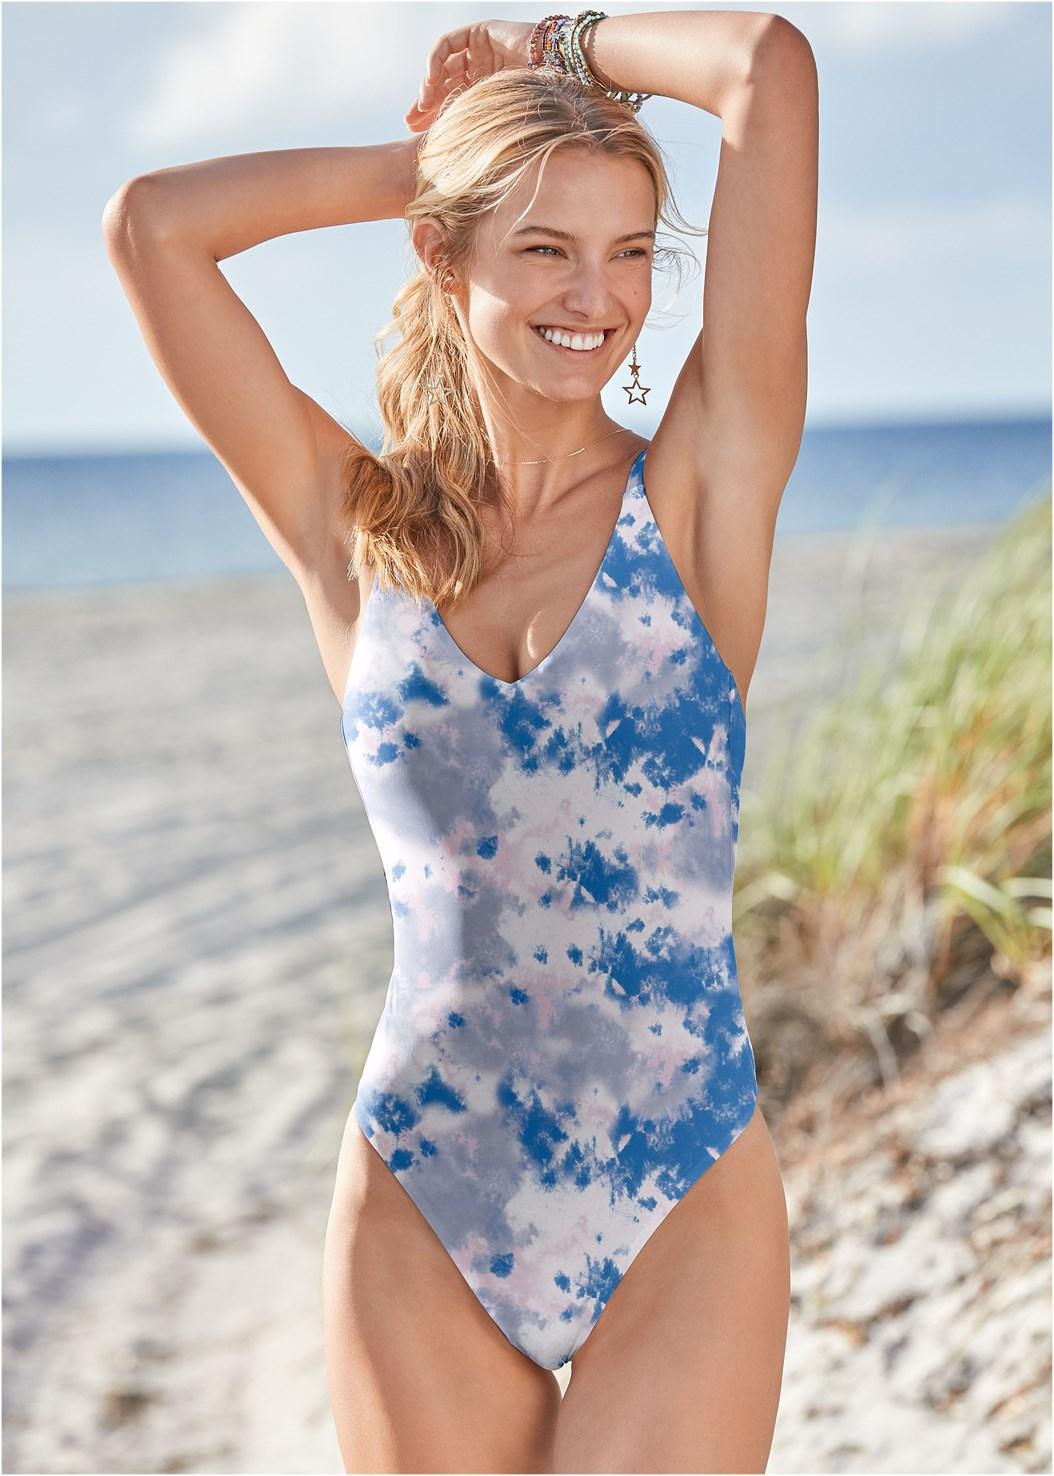 Leslie One-Piece,Fishnet Hooded Cover-Up,Embellished Slides